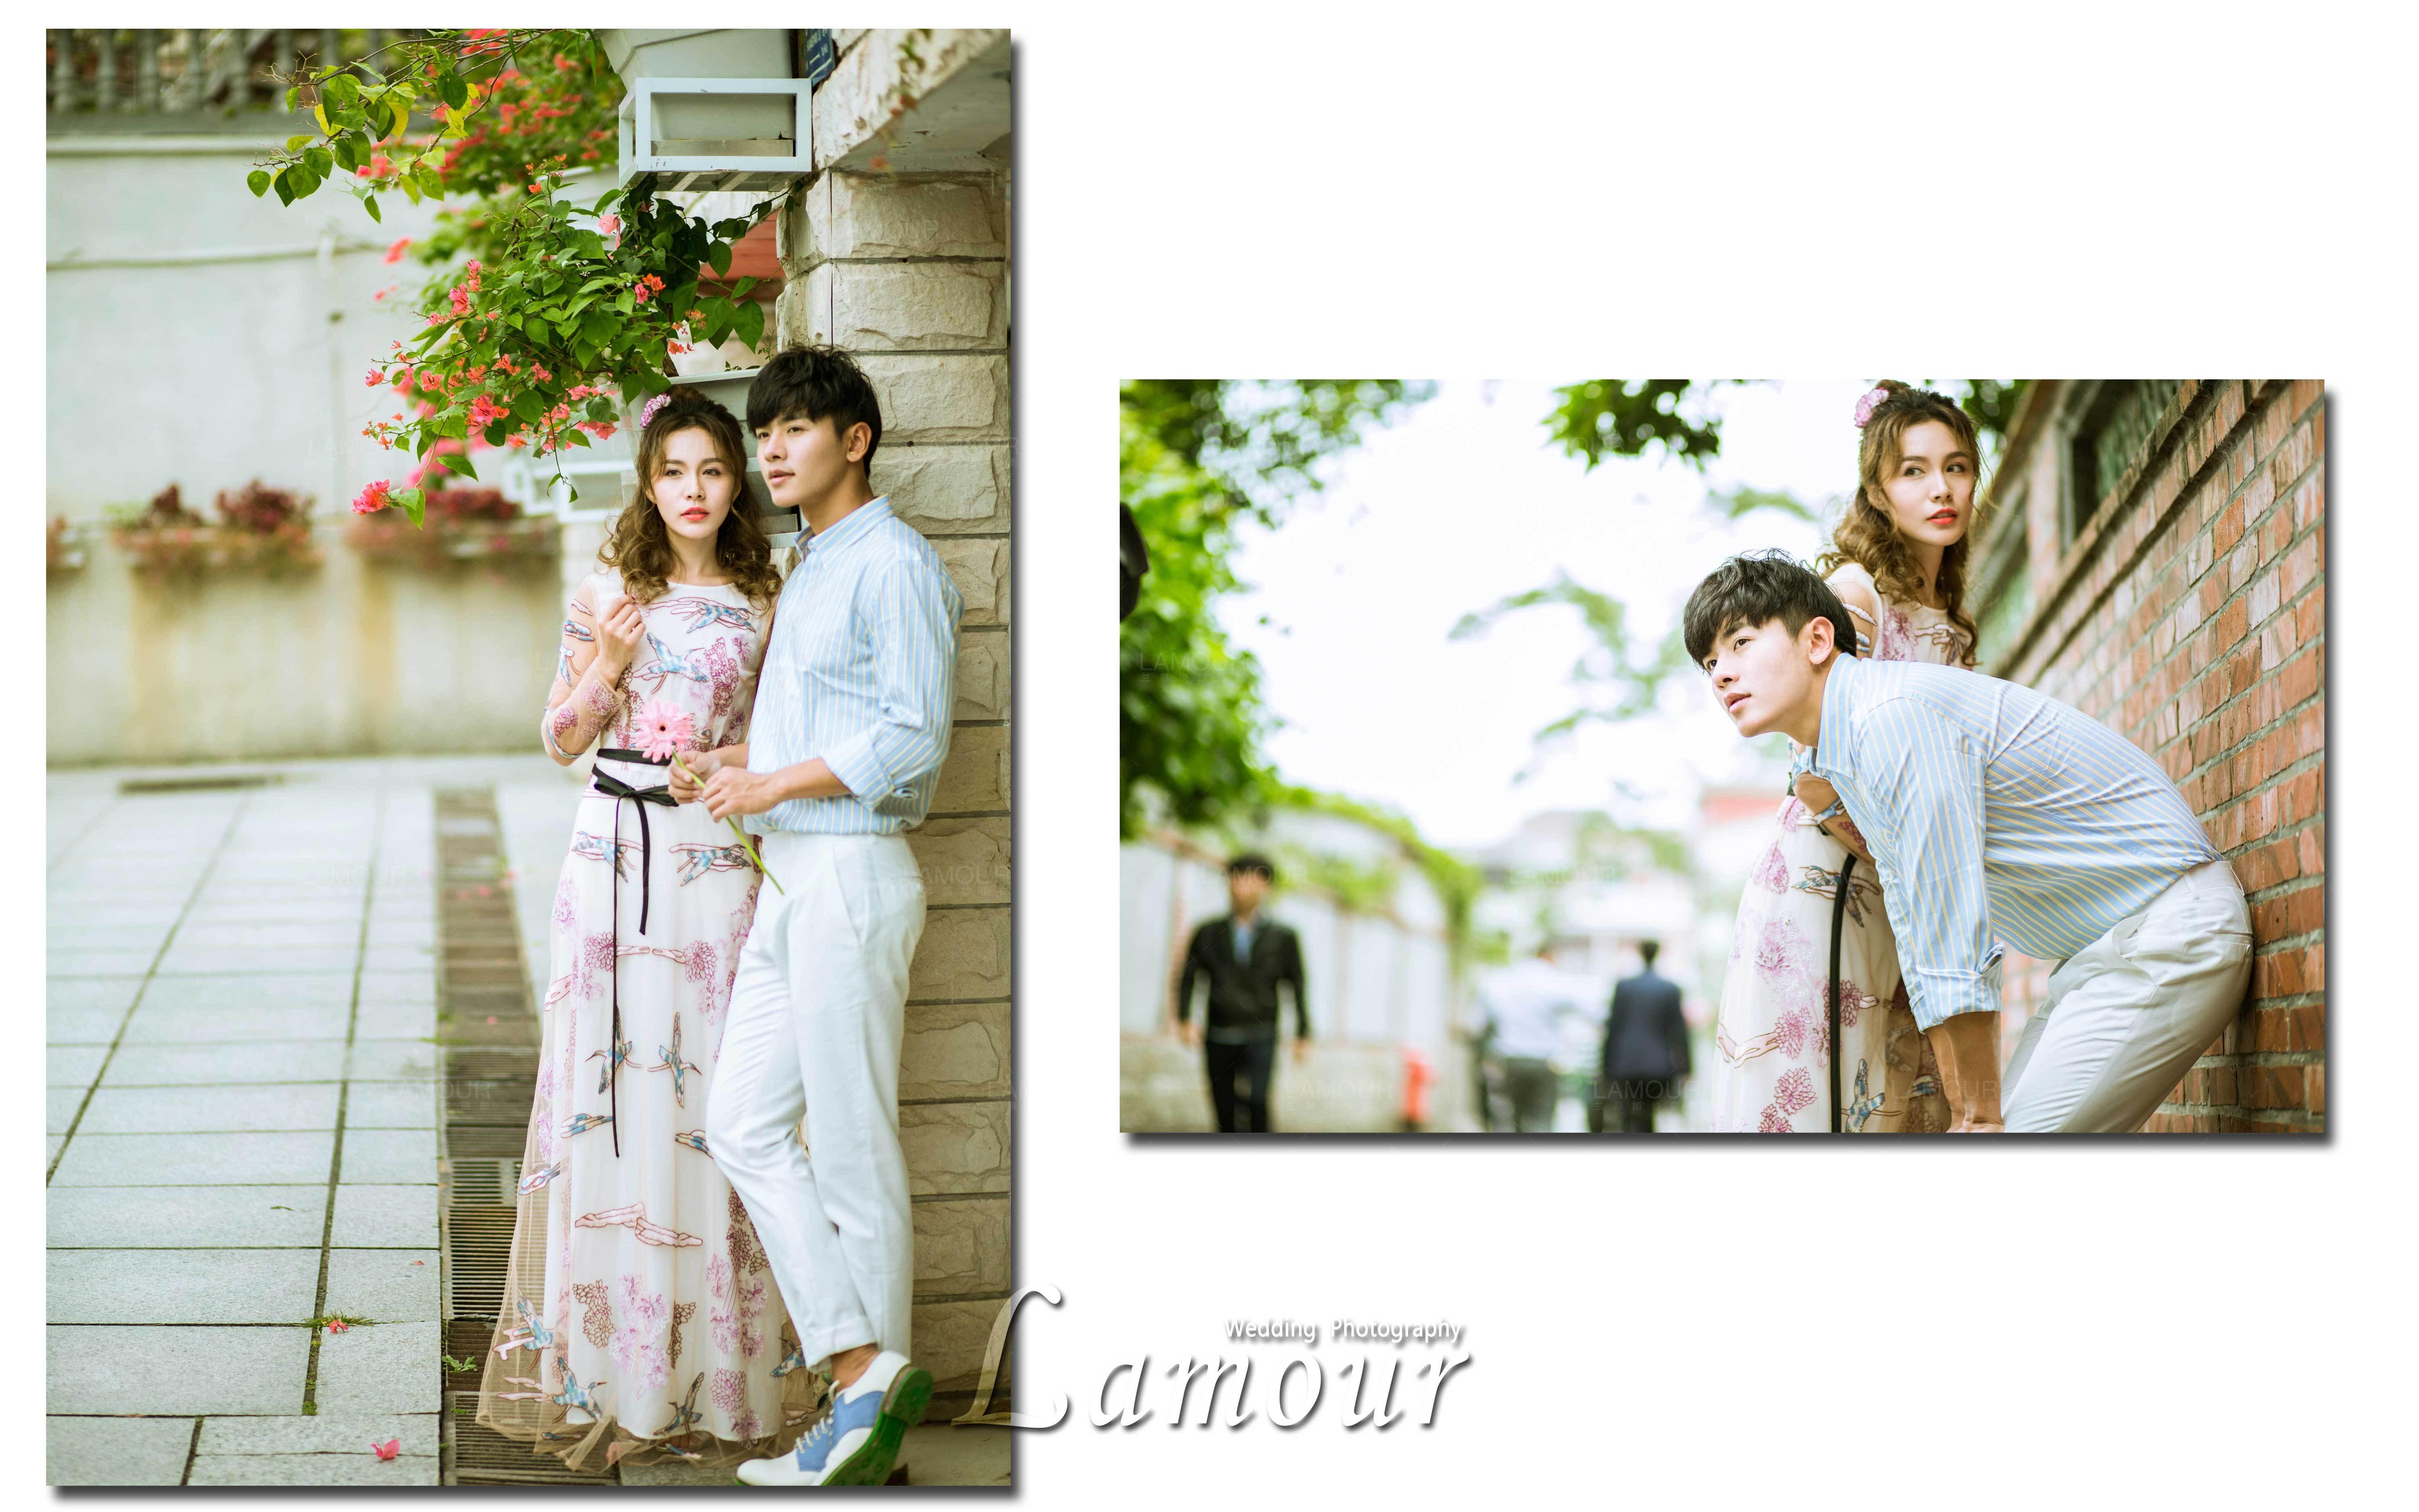 婚纱摄影的技巧